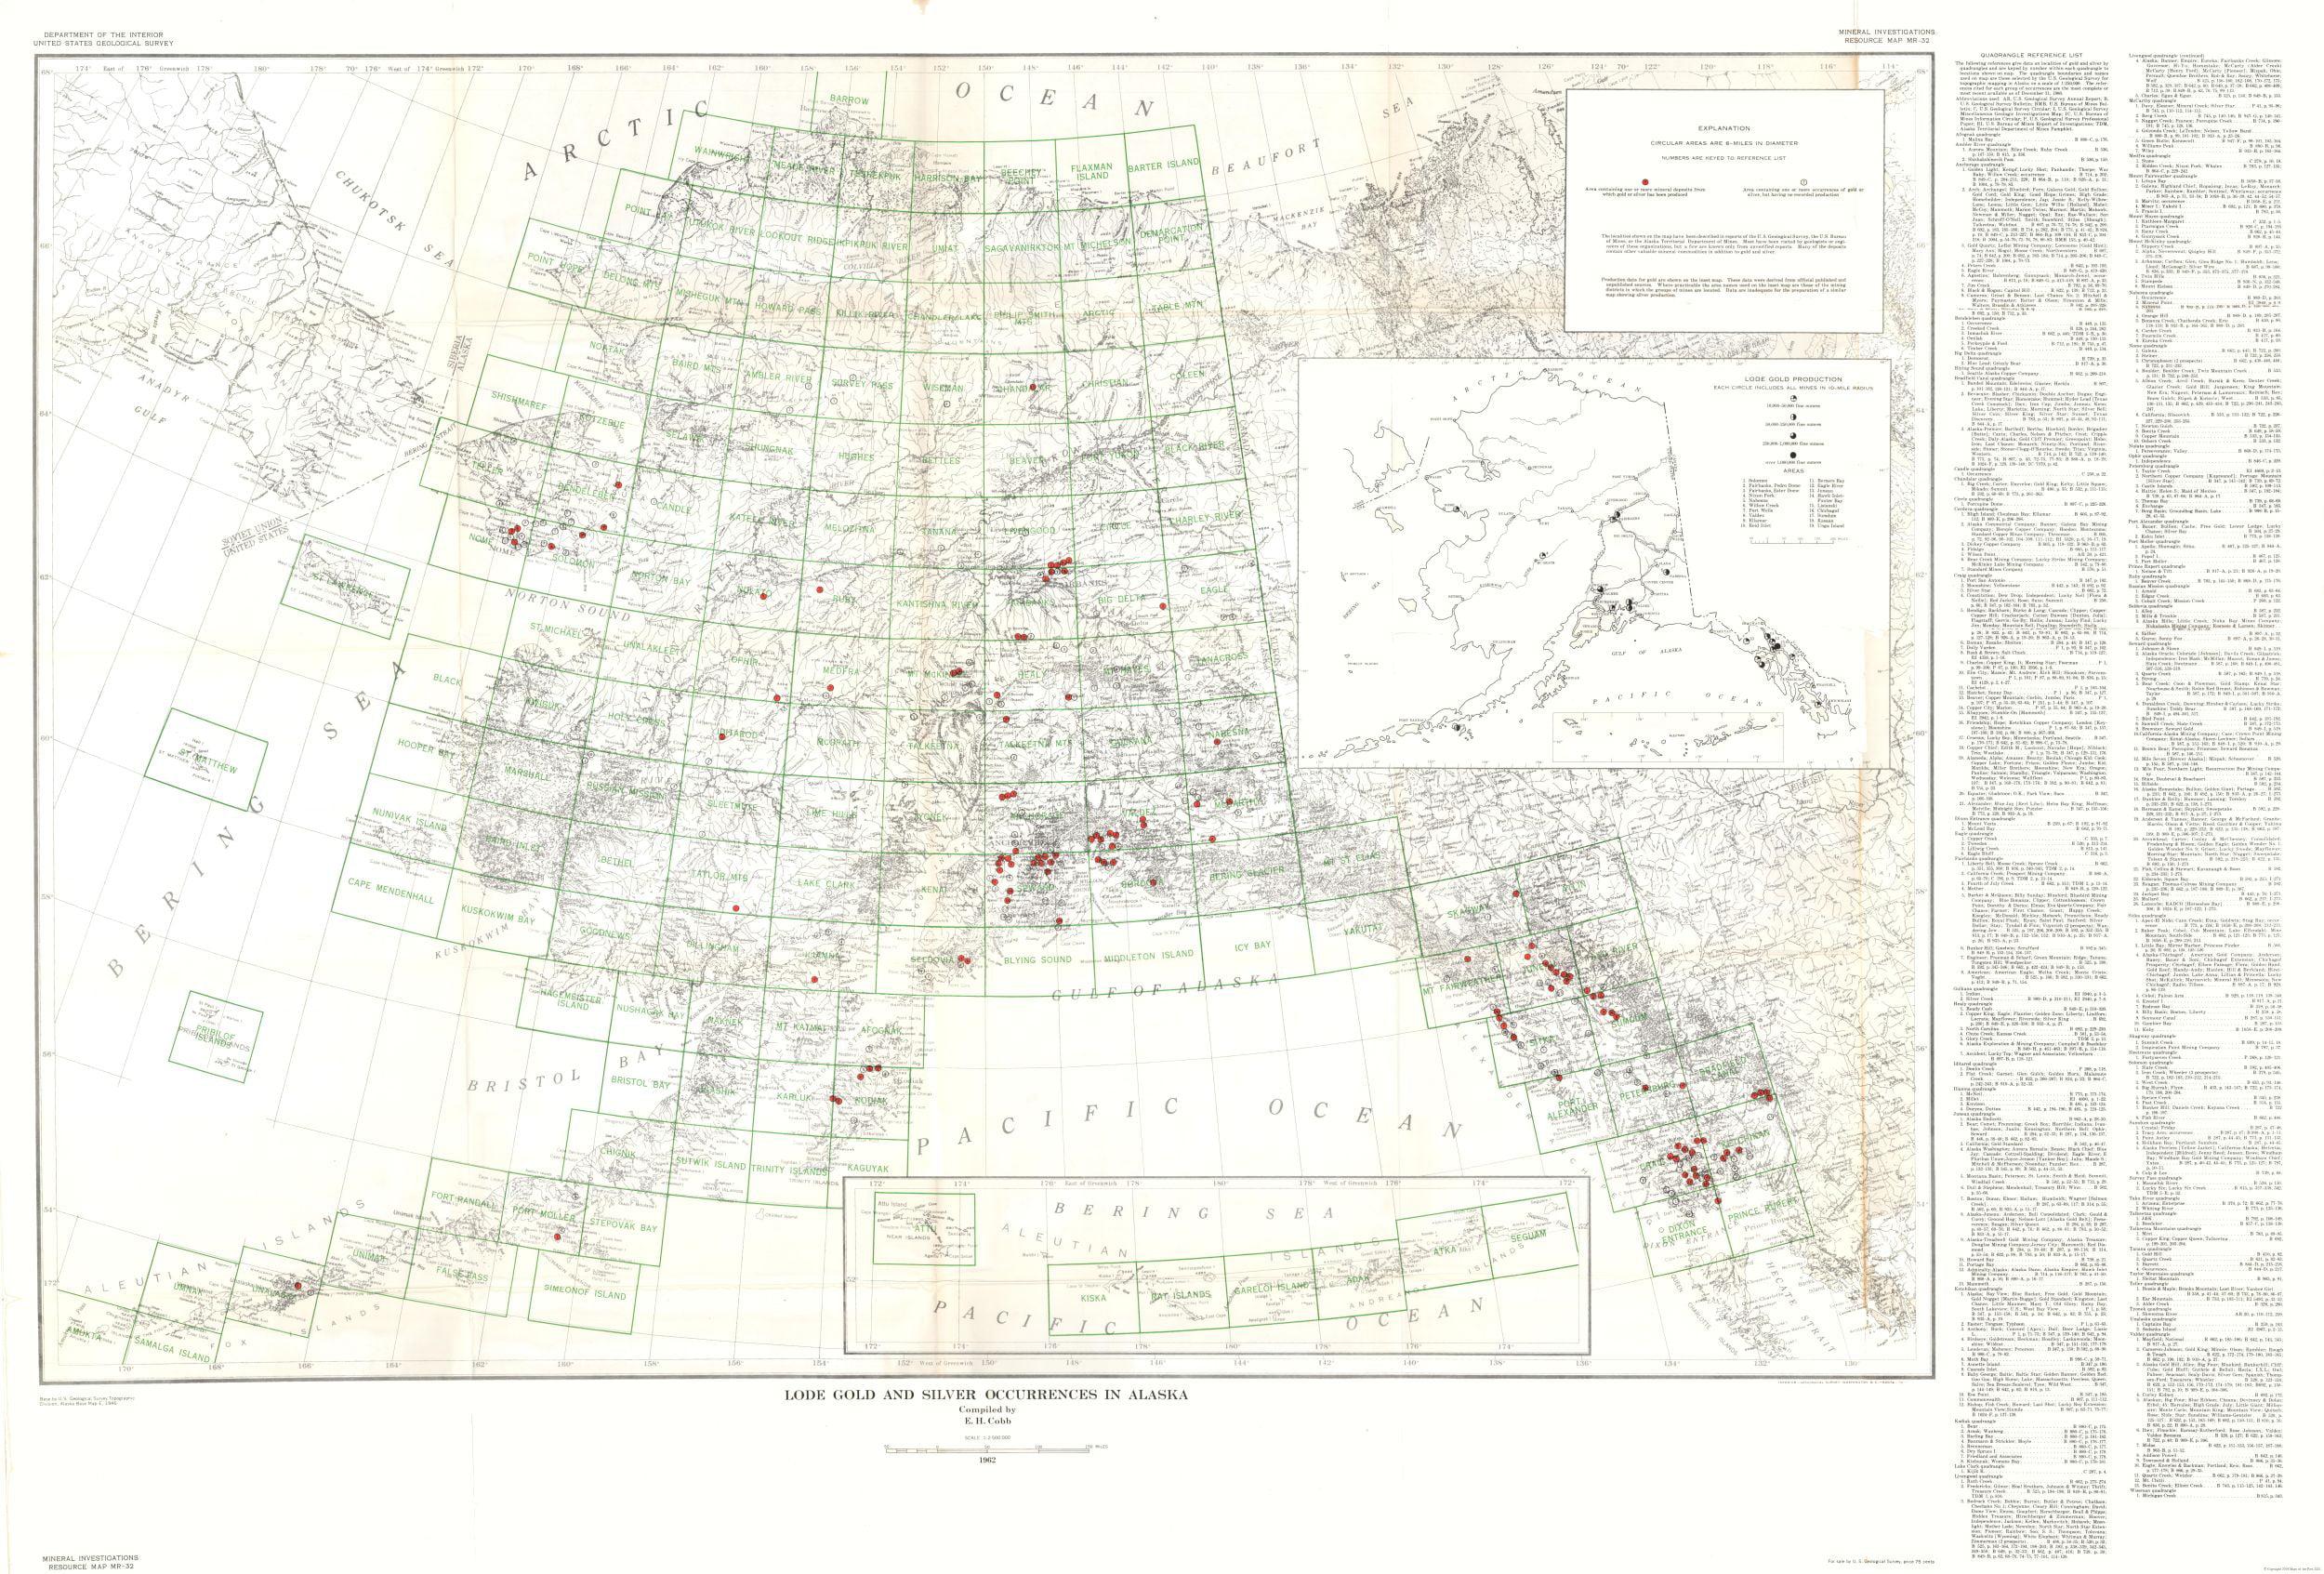 Alaska Mine Map Lode Gold Silver Usgs 1946 33 96 X 23